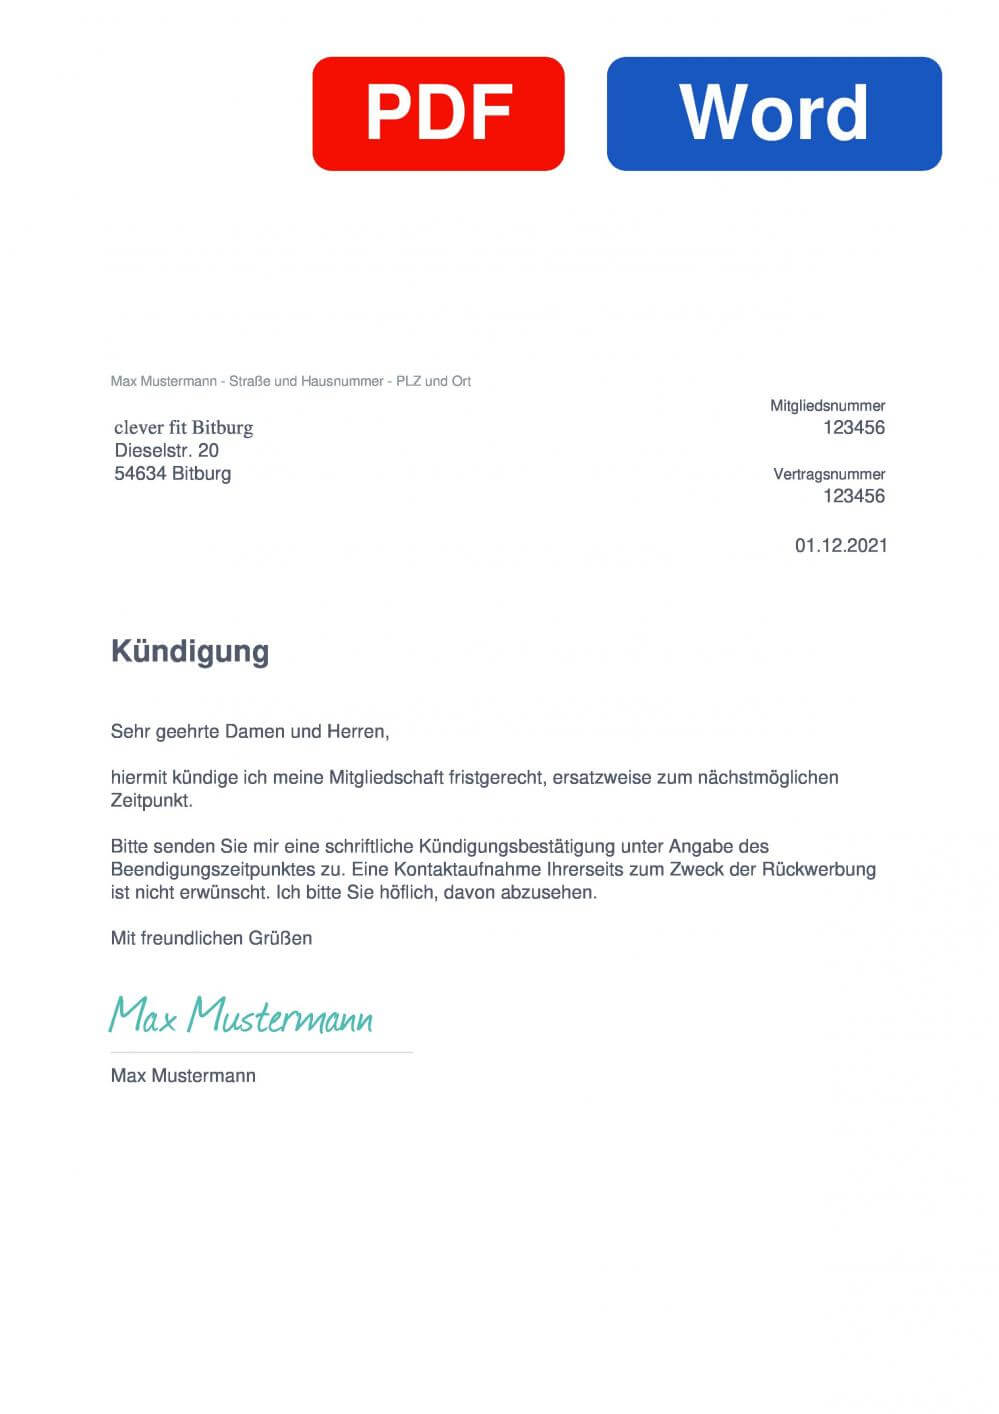 Clever Fit  Bitburg Muster Vorlage für Kündigungsschreiben